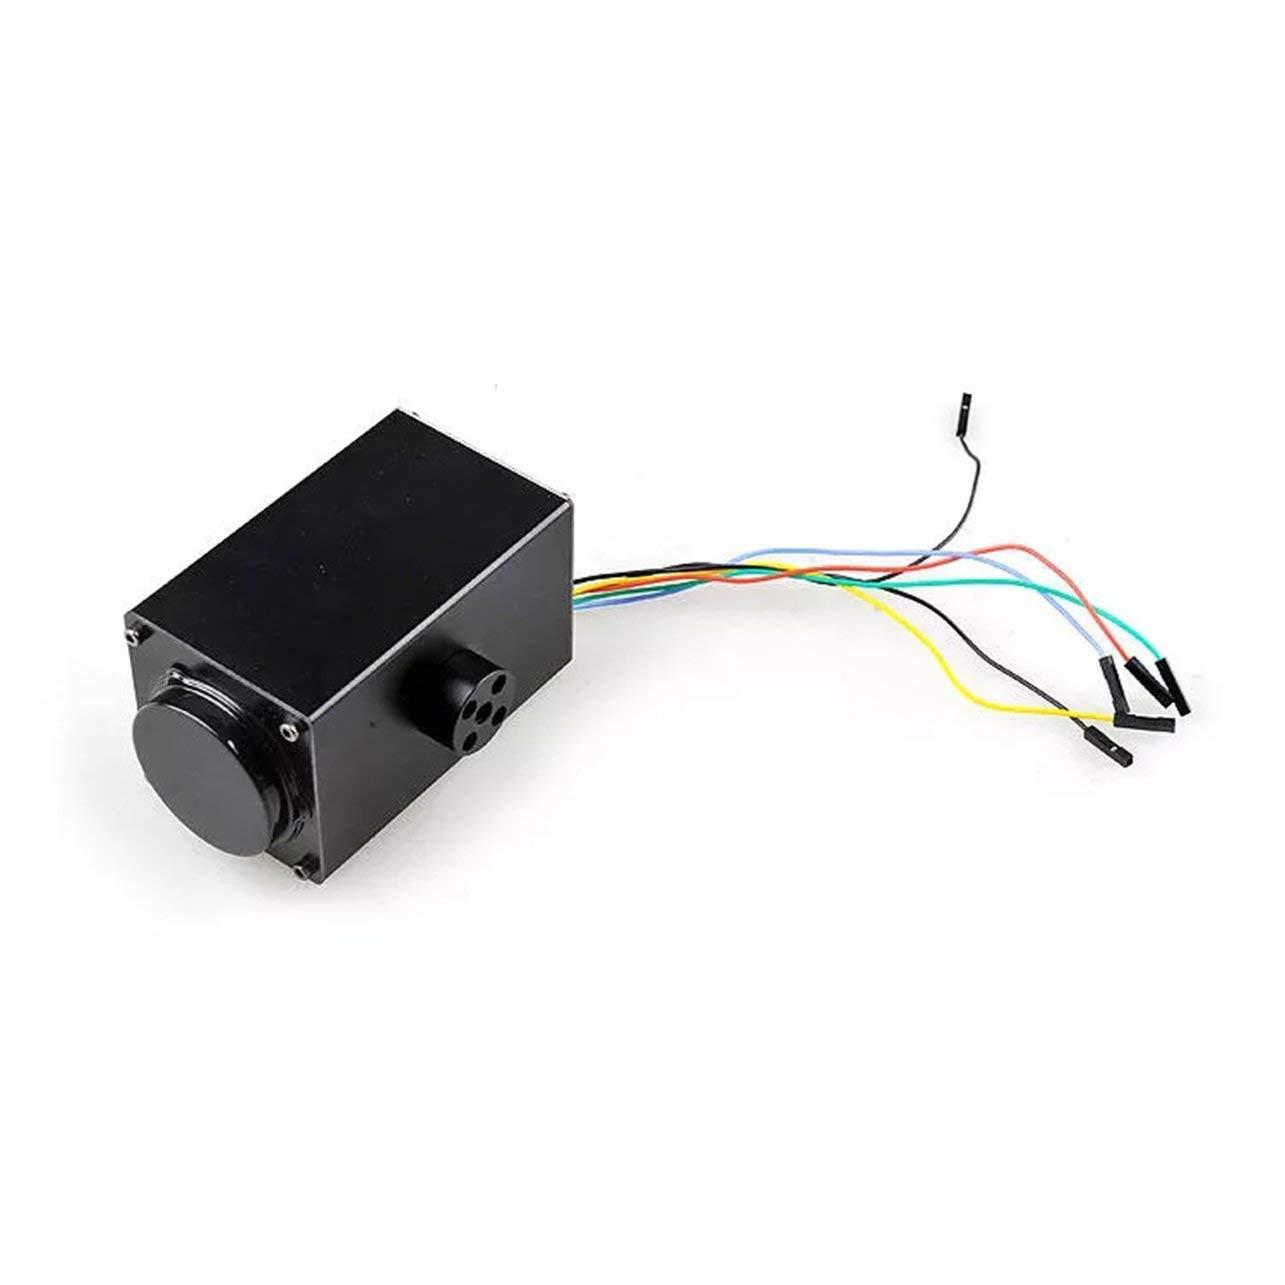 WOSOSYEYO Happymodel HC700R HD 1080P 32x Zoom FPV Kamera DVR Unterstützung 64G Für FPV Drone Quadcopter